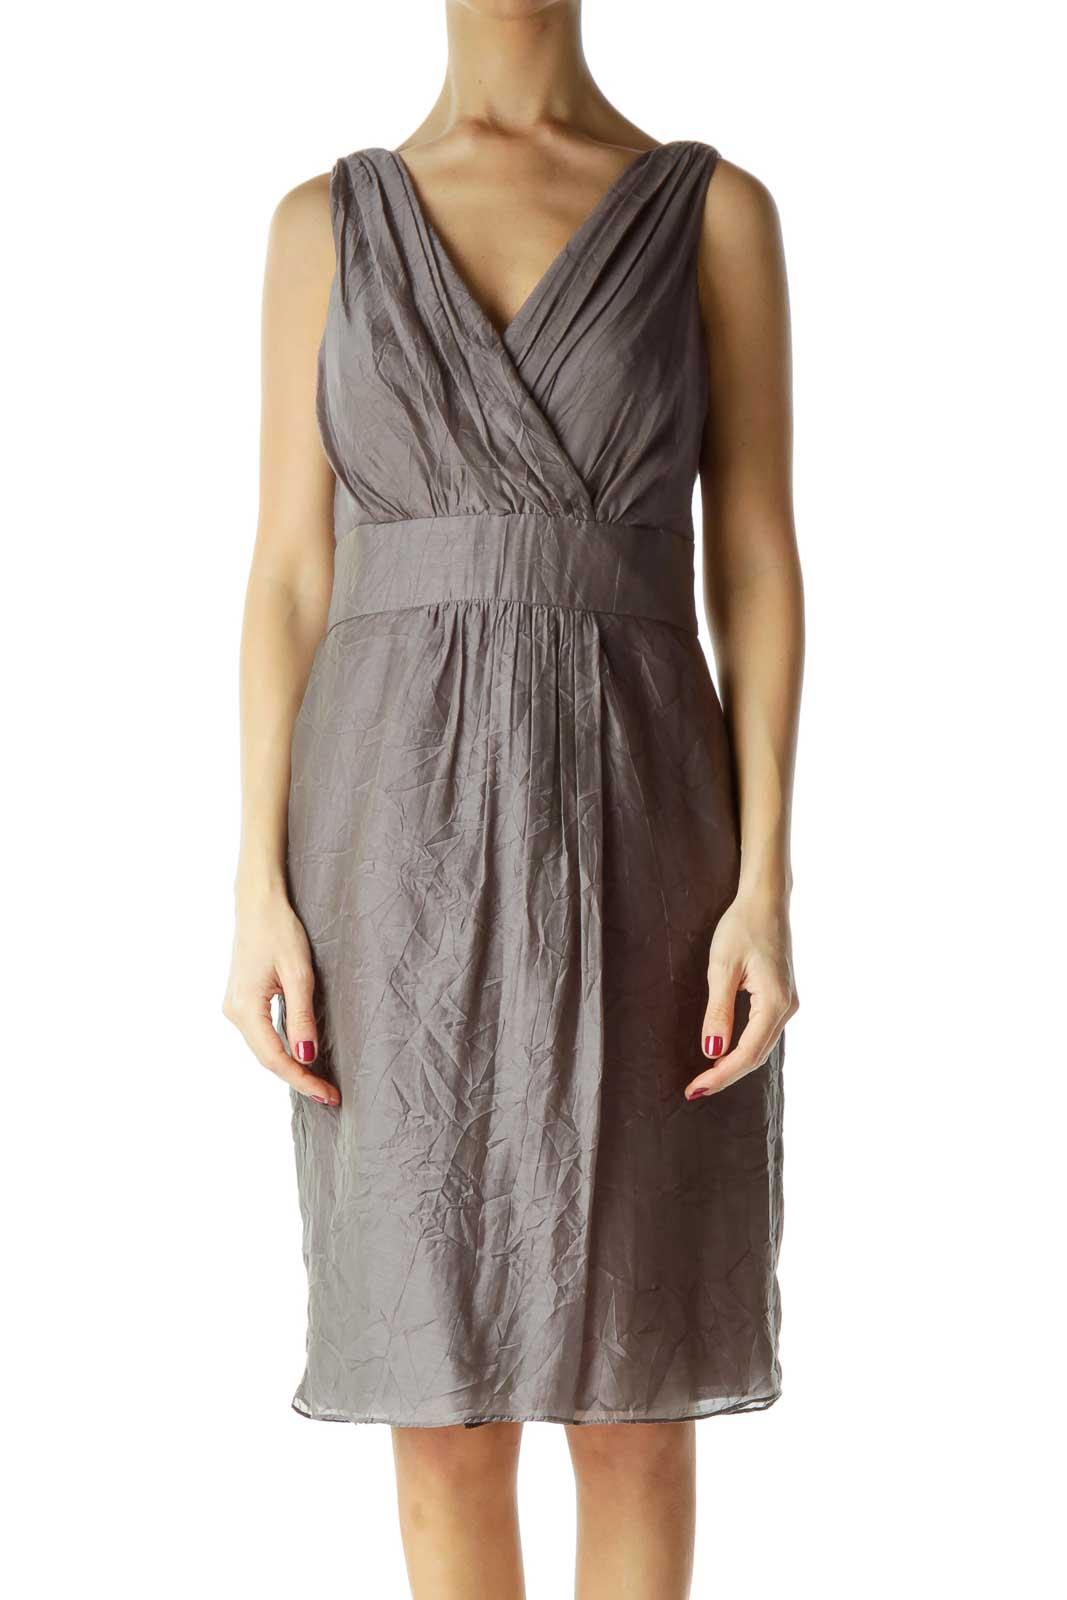 Gray V-Neck Sleeveless Work Dress